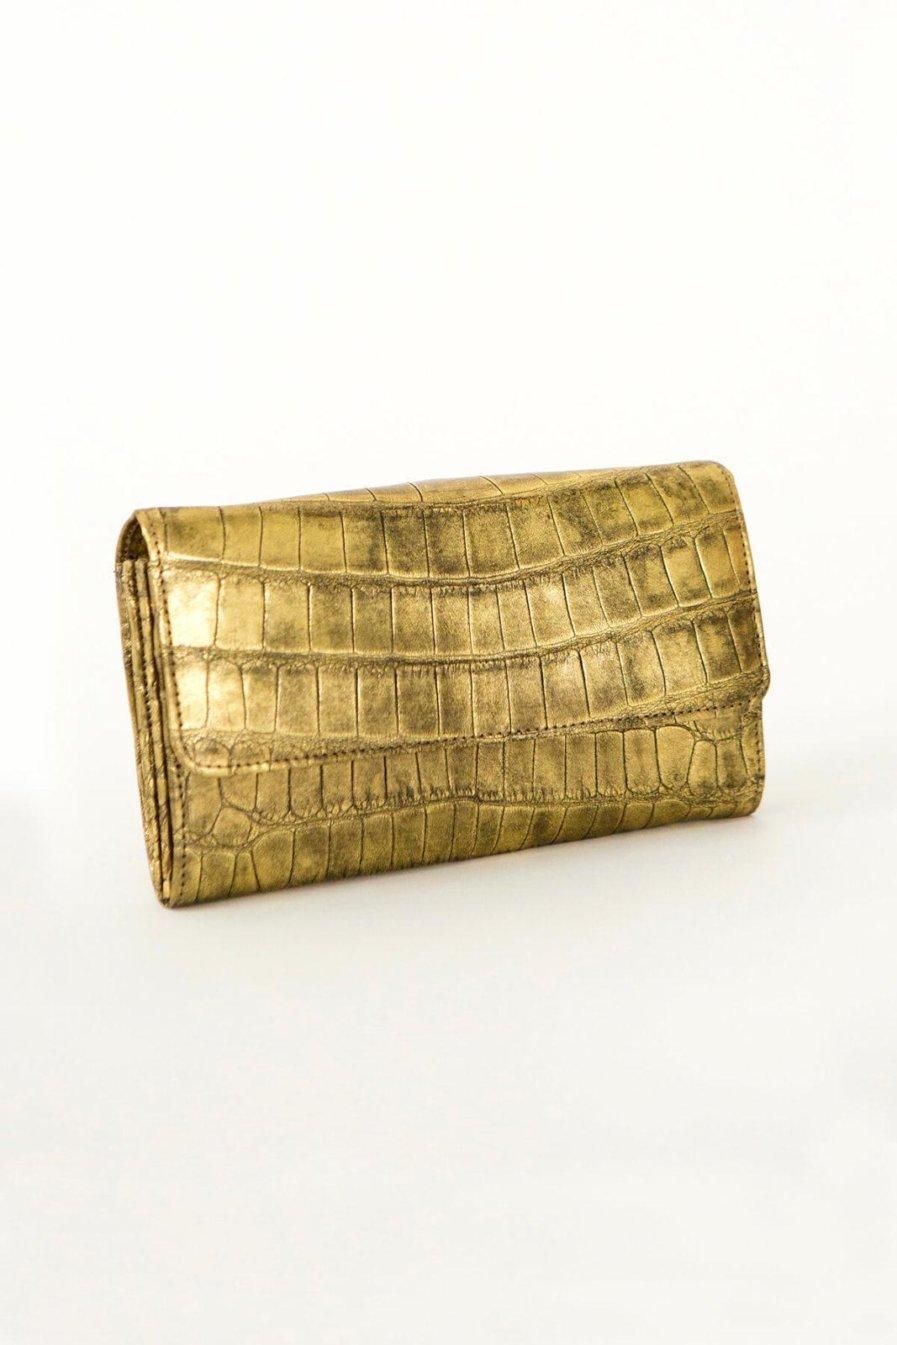 [:en]Crocodile Wallet[:ja]クロコダイル・お財布[:]